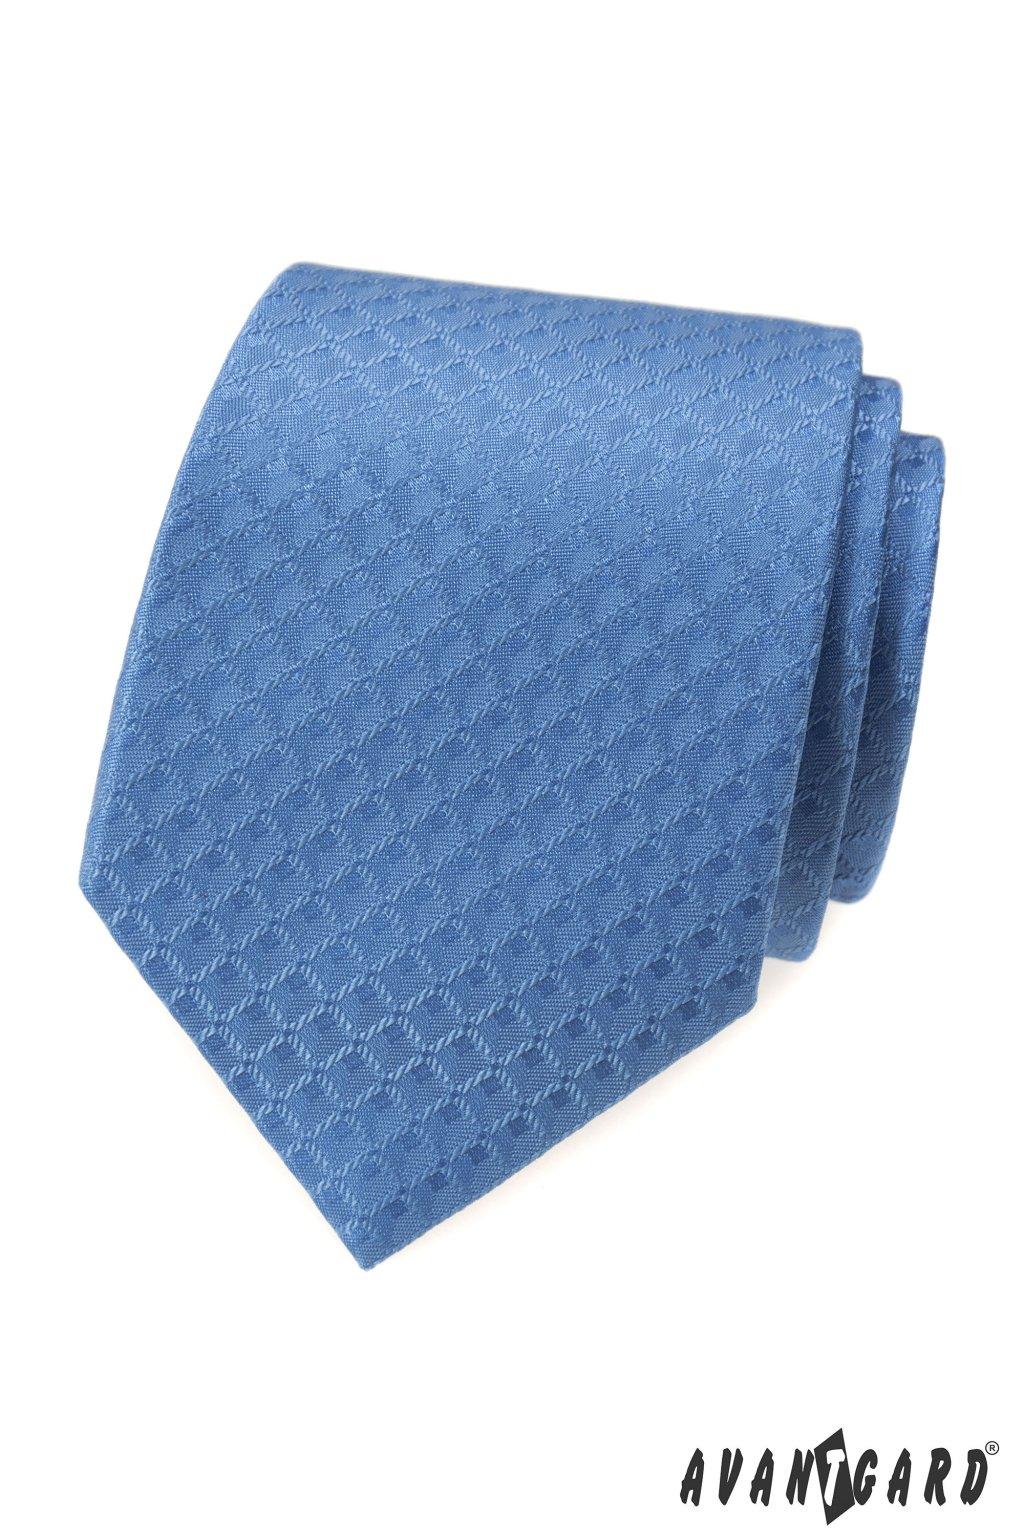 Modrá luxusní kravata světlý čtvercový vzorek 561 - 62410